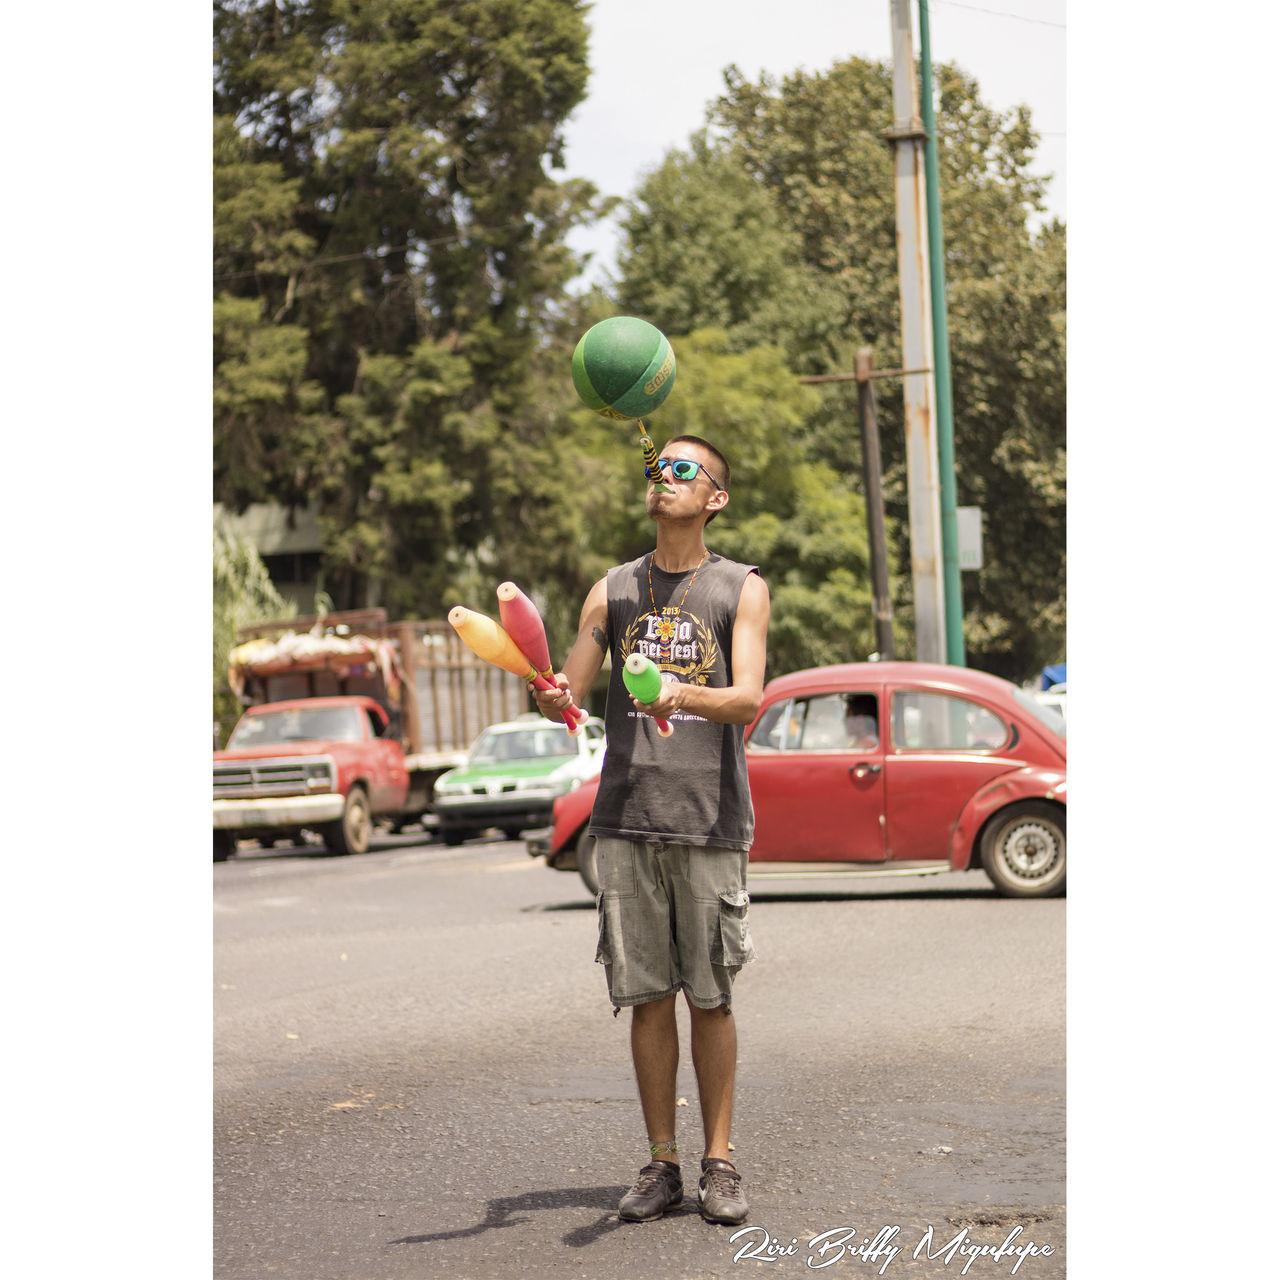 Malabares Calle Street Calles Callejeros Persona Balon Espectaculo Lentes Man Hombre Trabajo Trabajando Trabajando... Trabajar Trabajar Para Vivir Trabajandoduro Trabajando Ando!! Semáforo Semáfororojo Semáforo Súper-guerrero! Calor Sol Dia